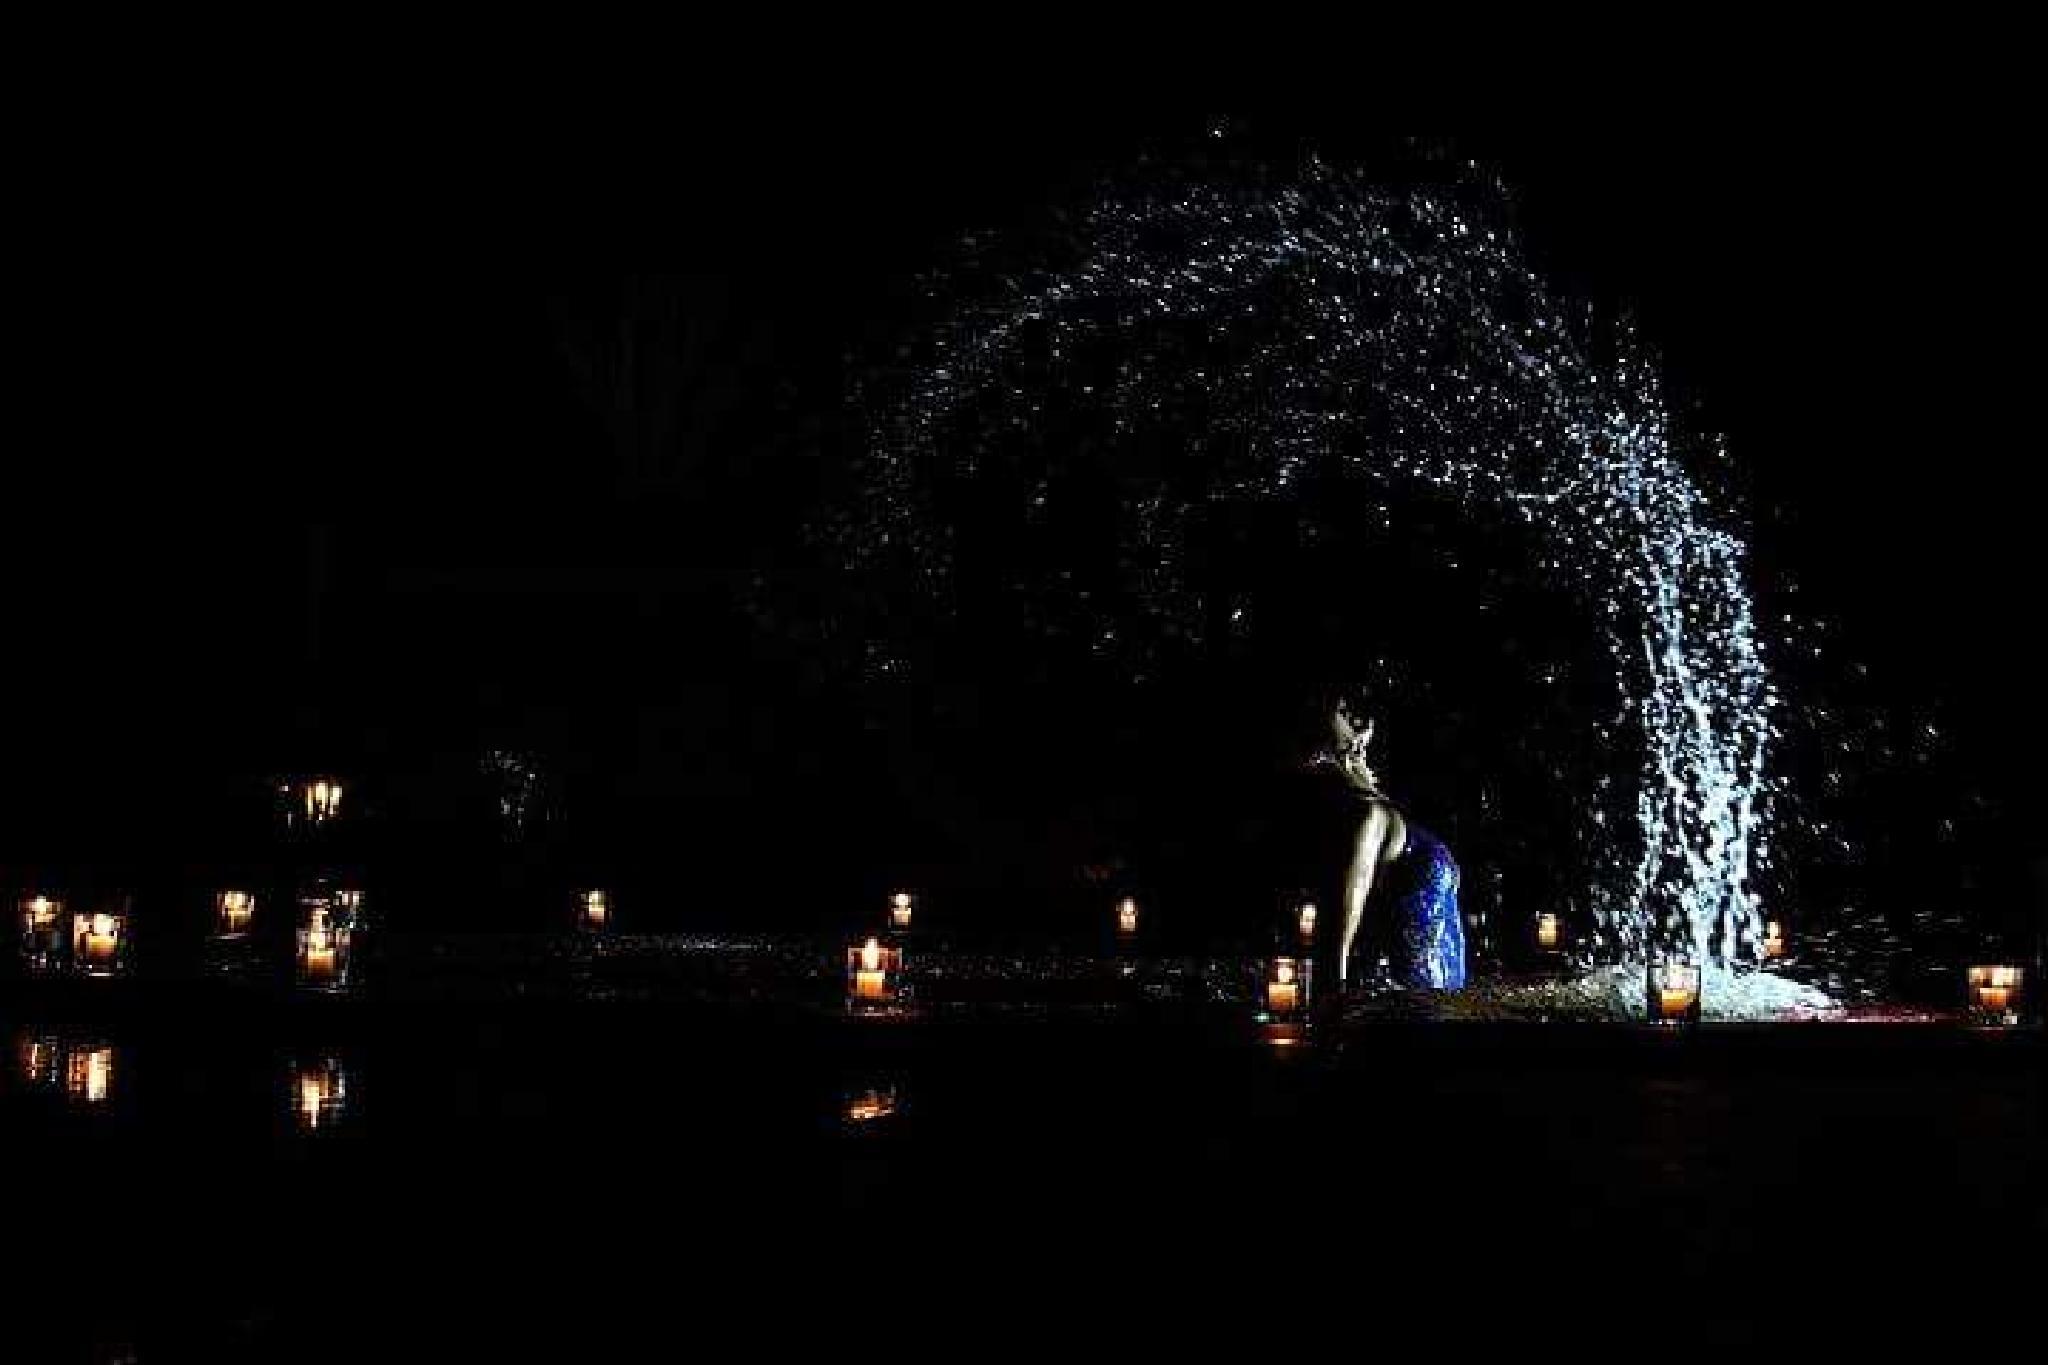 splash by Maras